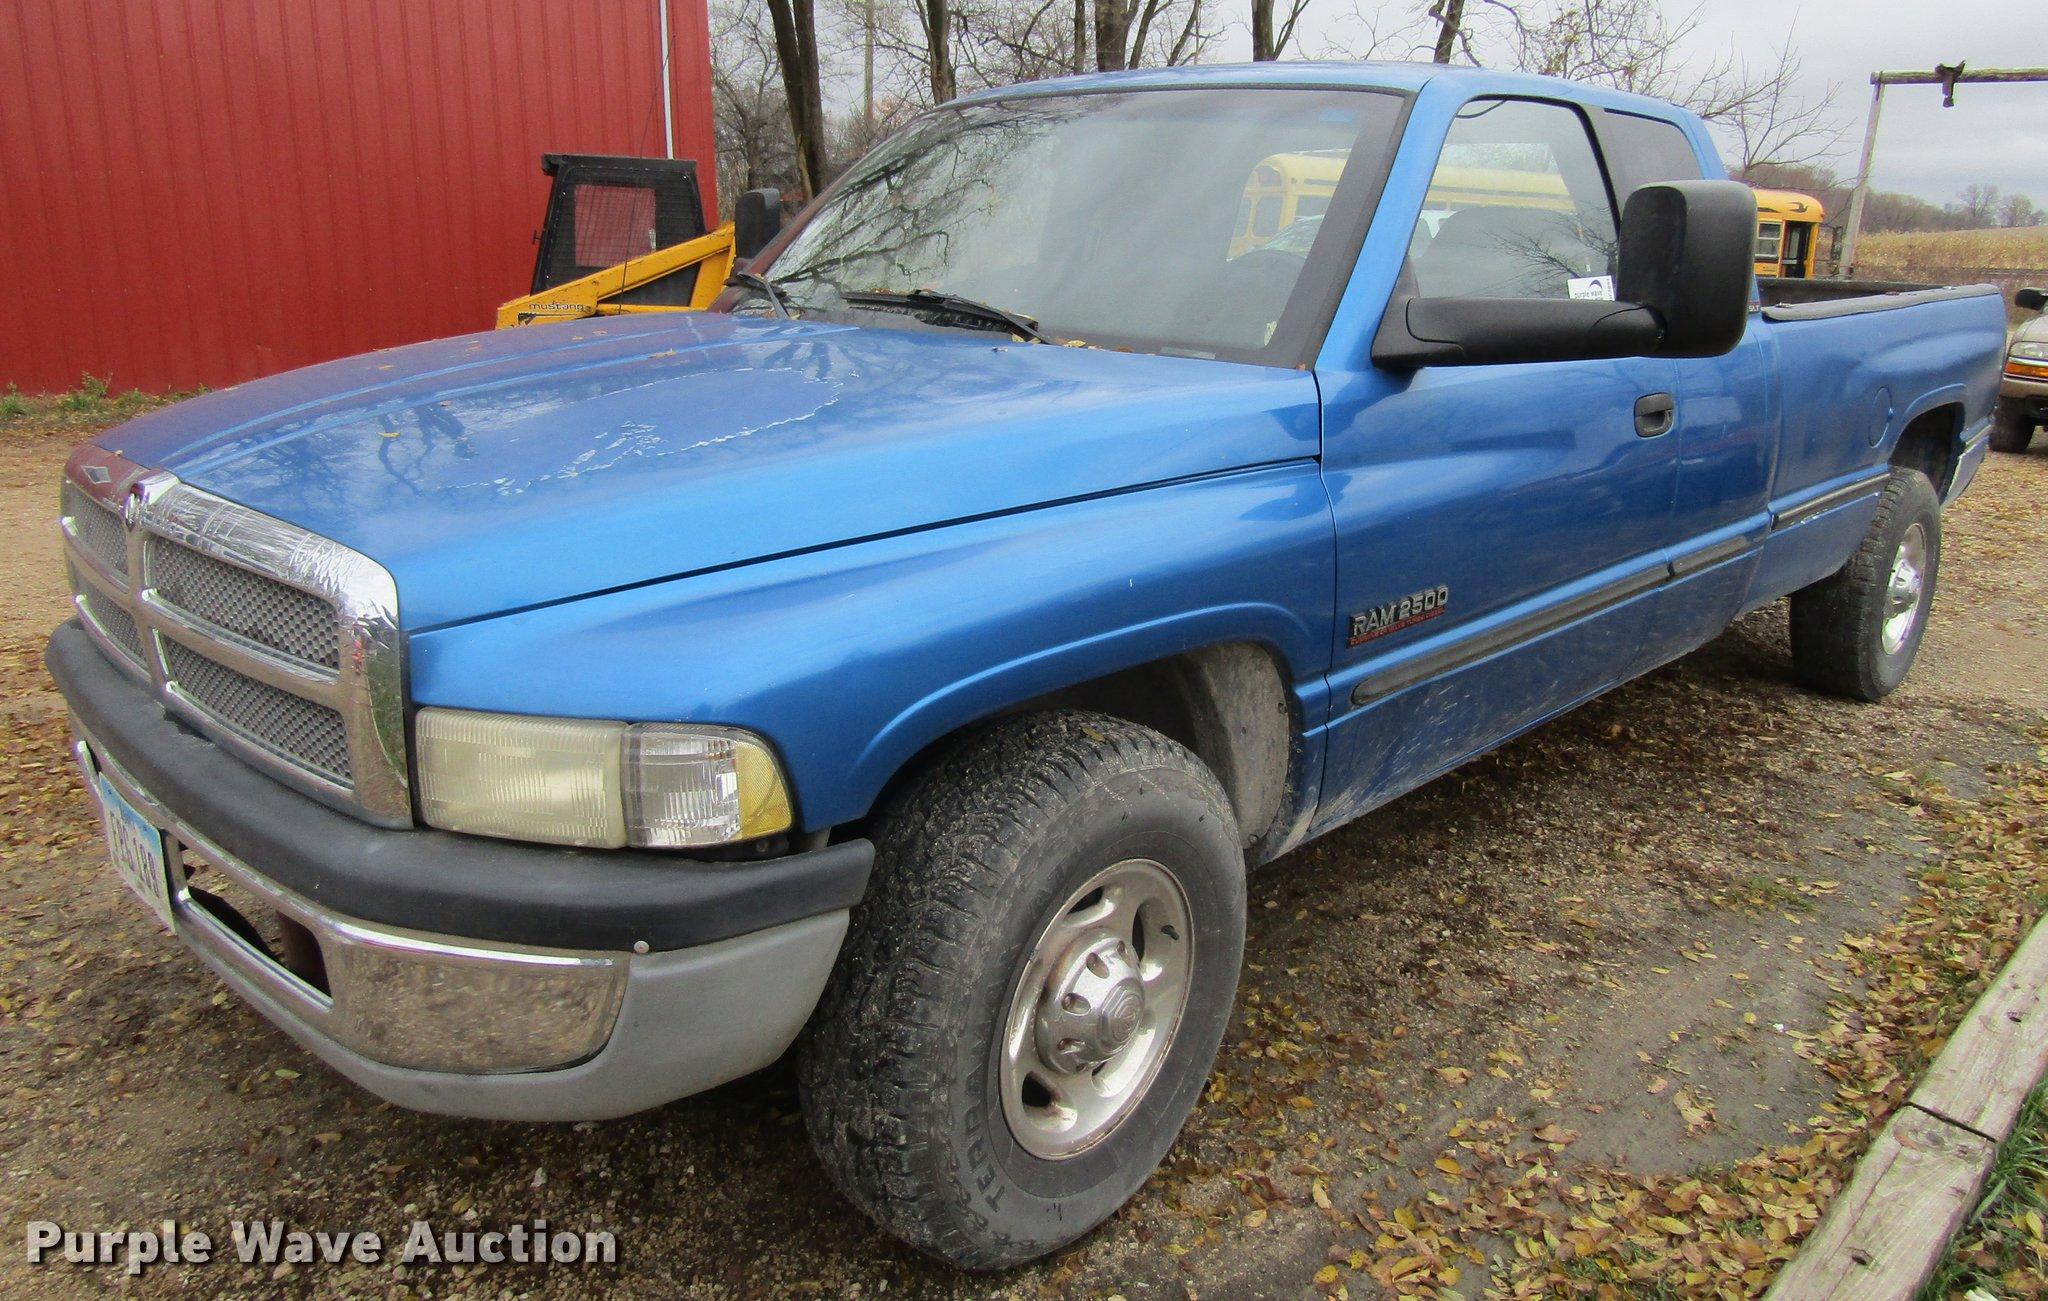 2001 Dodge Ram 2500 Quad Cab Pickup Truck Item Df3891 So